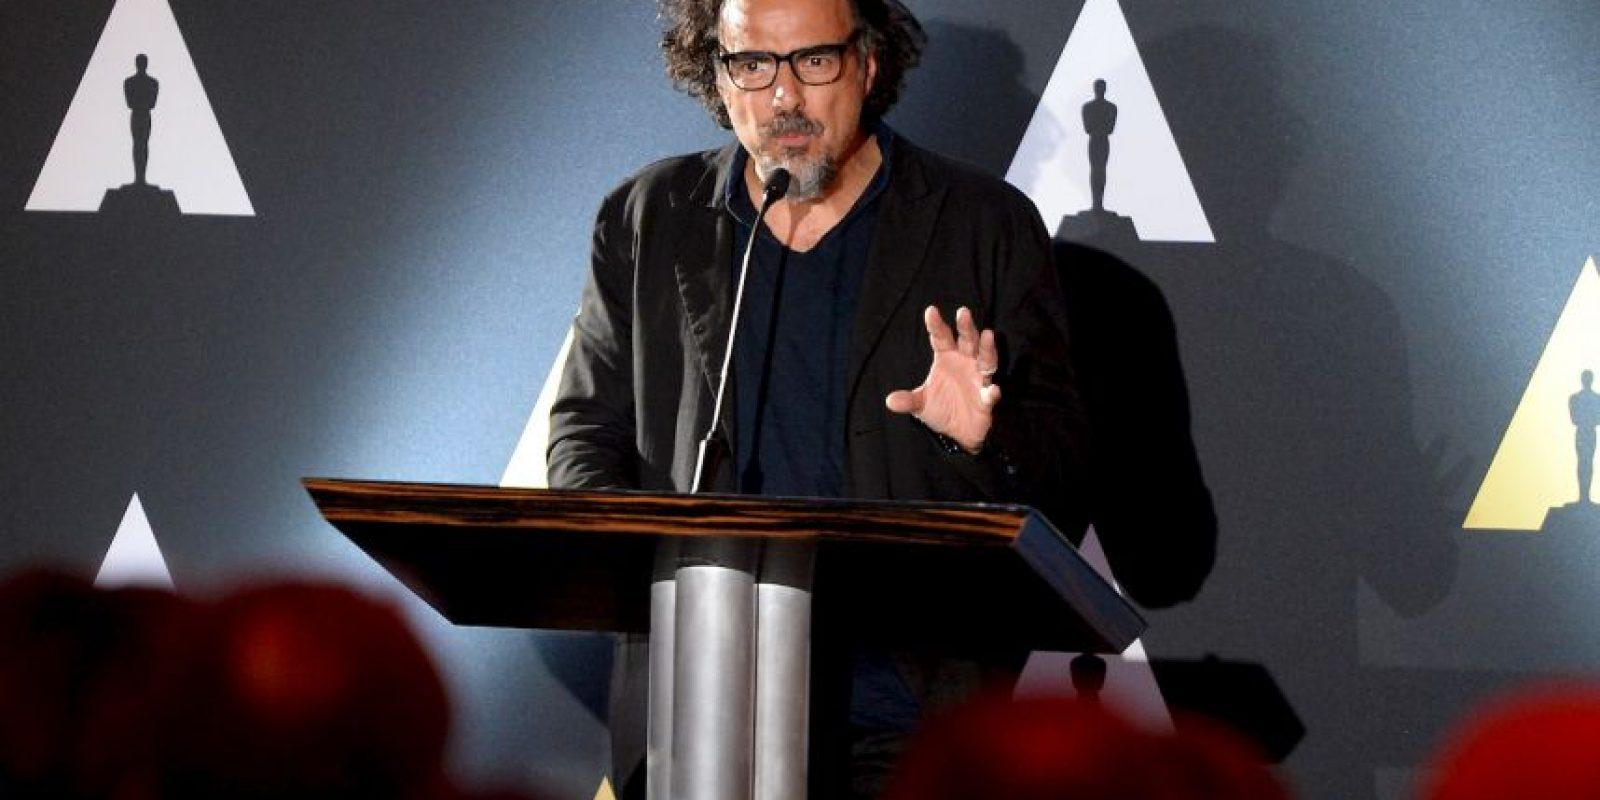 """El mexicano Alejandro González Iñarritu ganó el premio a """"Mejor Director"""" Foto:Getty Images. Imagen Por:"""